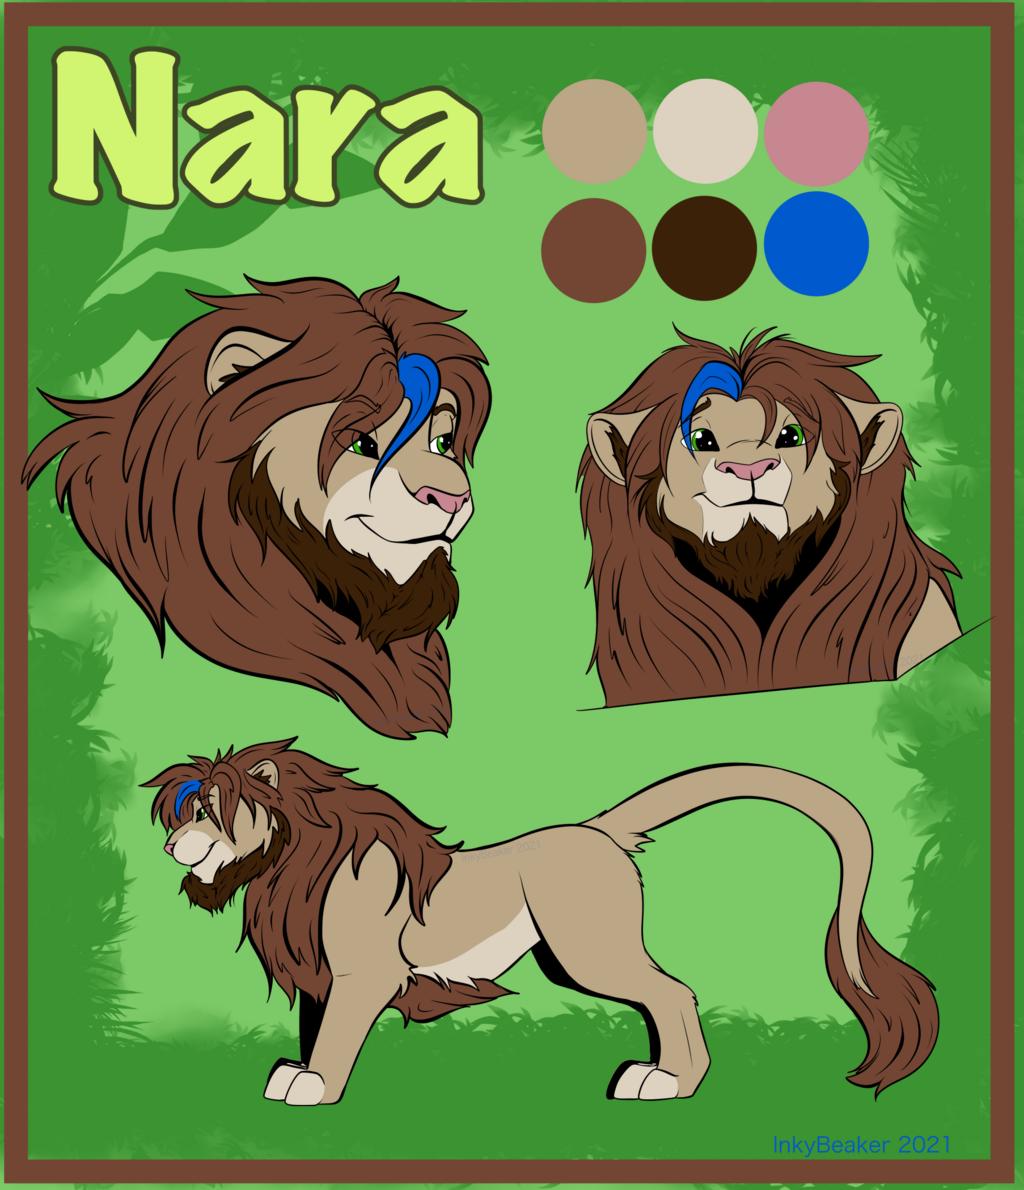 New Character - Nara